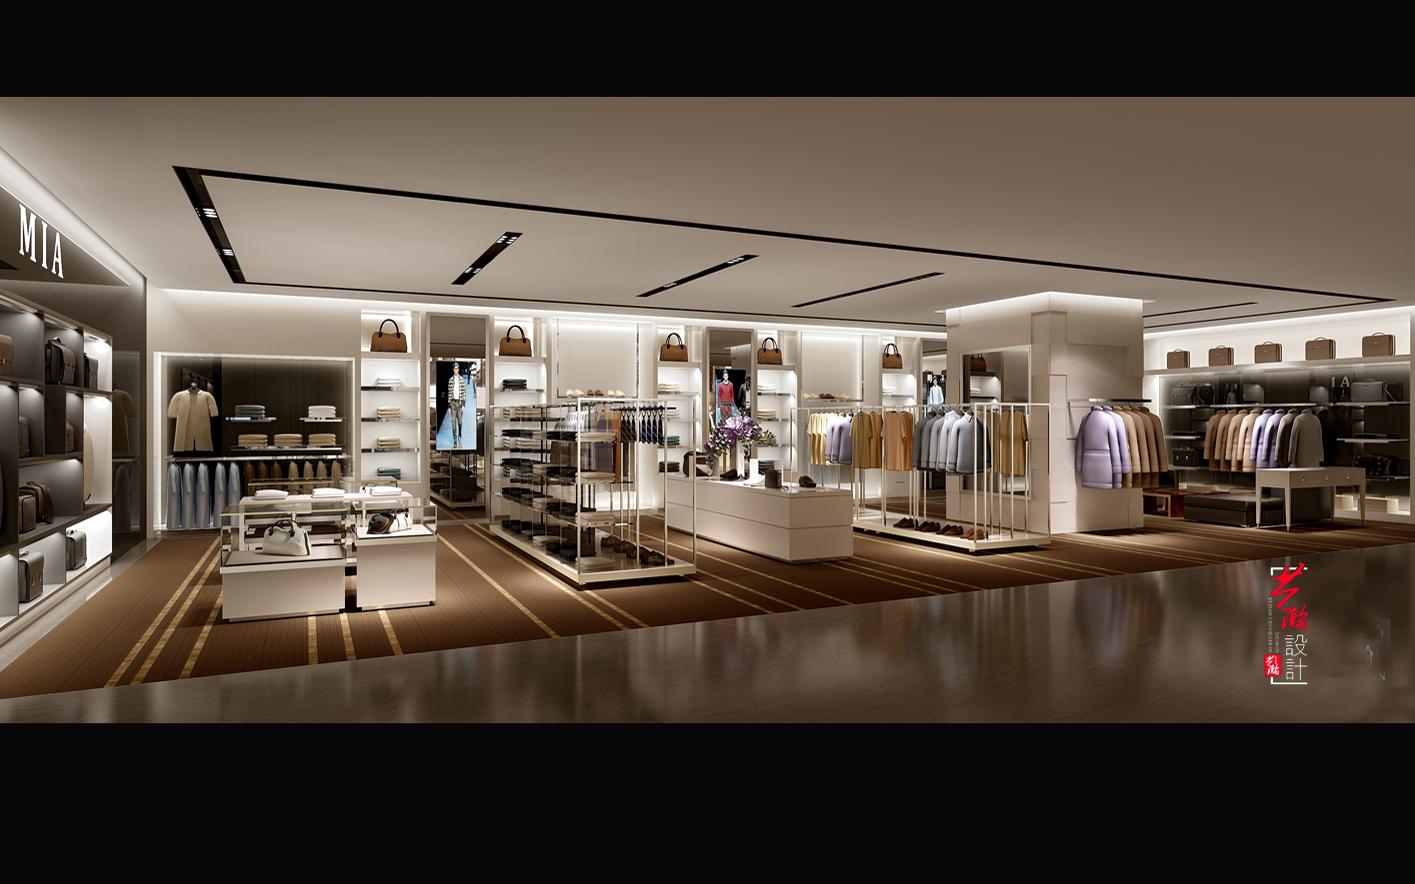 效果图设计室内装修设计店面设计图店铺室内家装设计空间设计制作